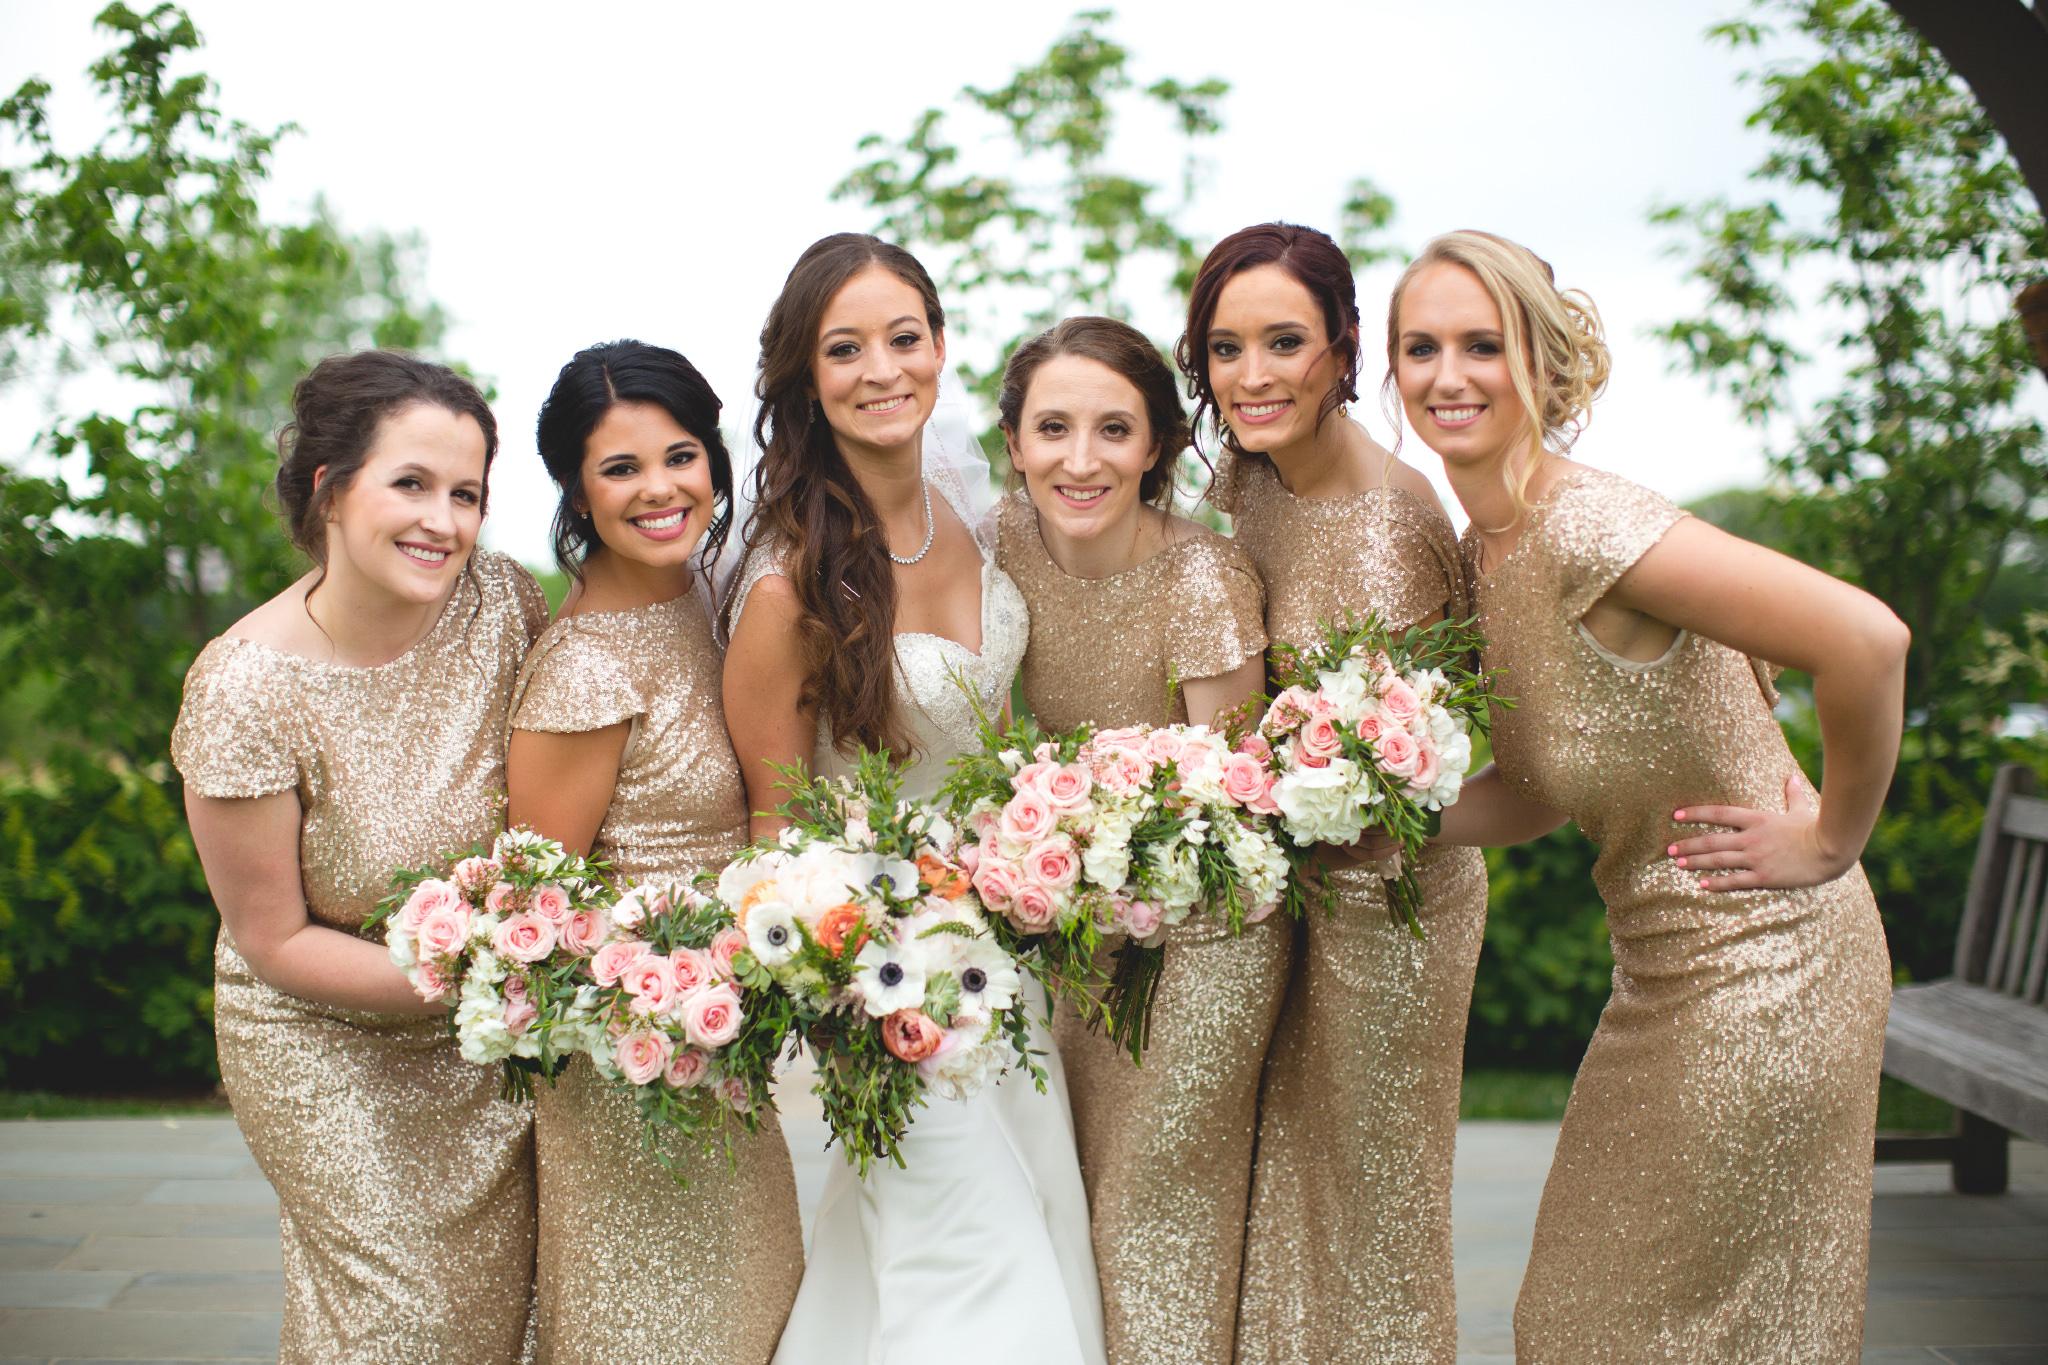 Fiance, Engaged, Wedding, Dayton, Ohio